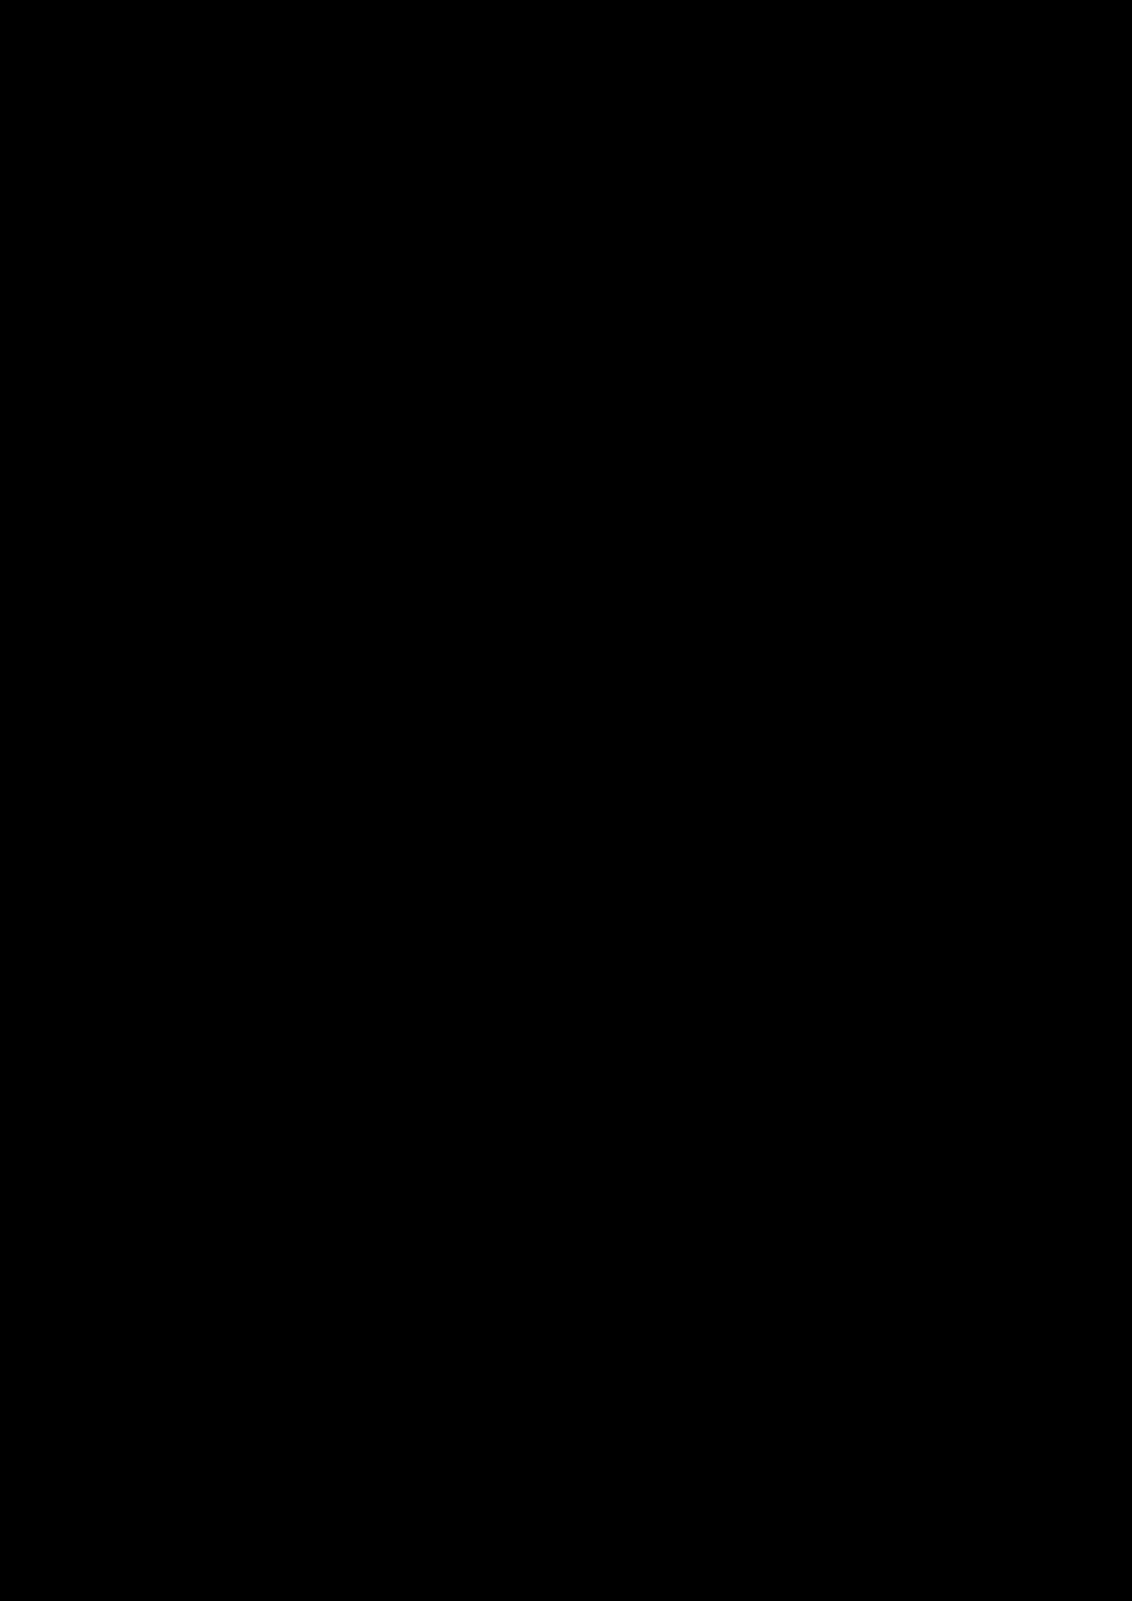 Zagadka volshebnoy stranyi slide, Image 36